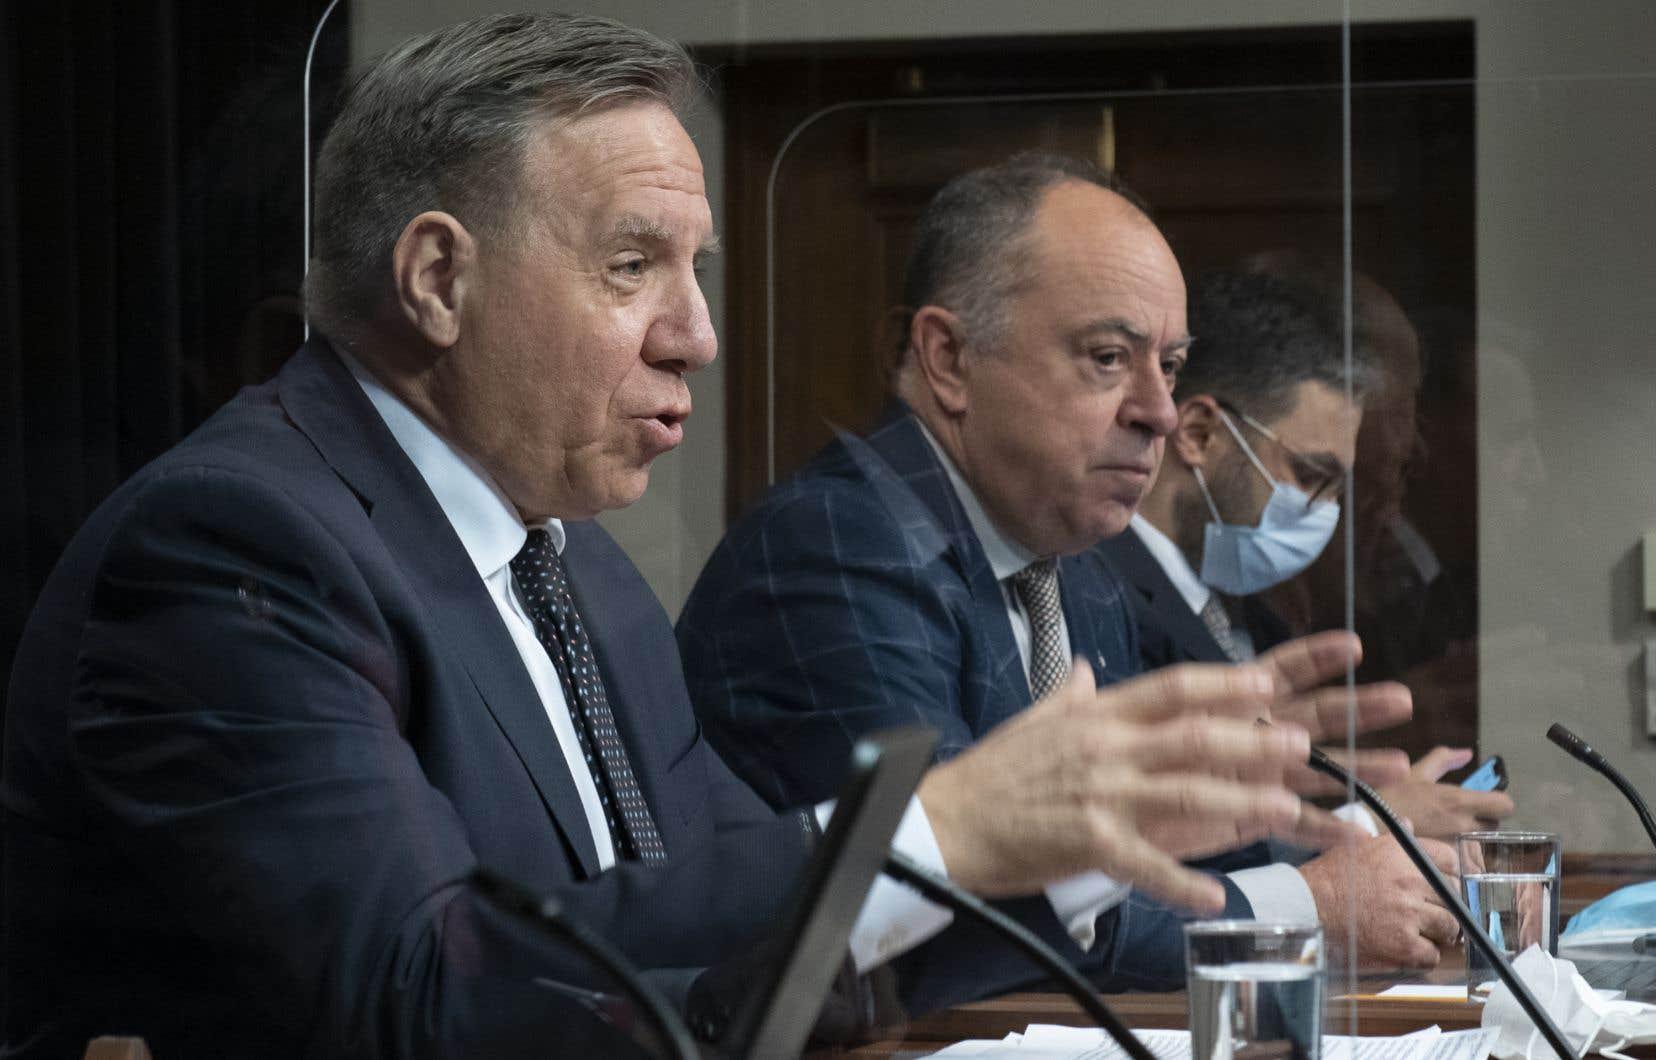 Devant les journalistes, le premier ministre François Legault a dit avoir mandaté le ministre de la Santé, Christian Dubé, afin qu'il fasse «une enquête complète pour voir ce qui est arrivé».